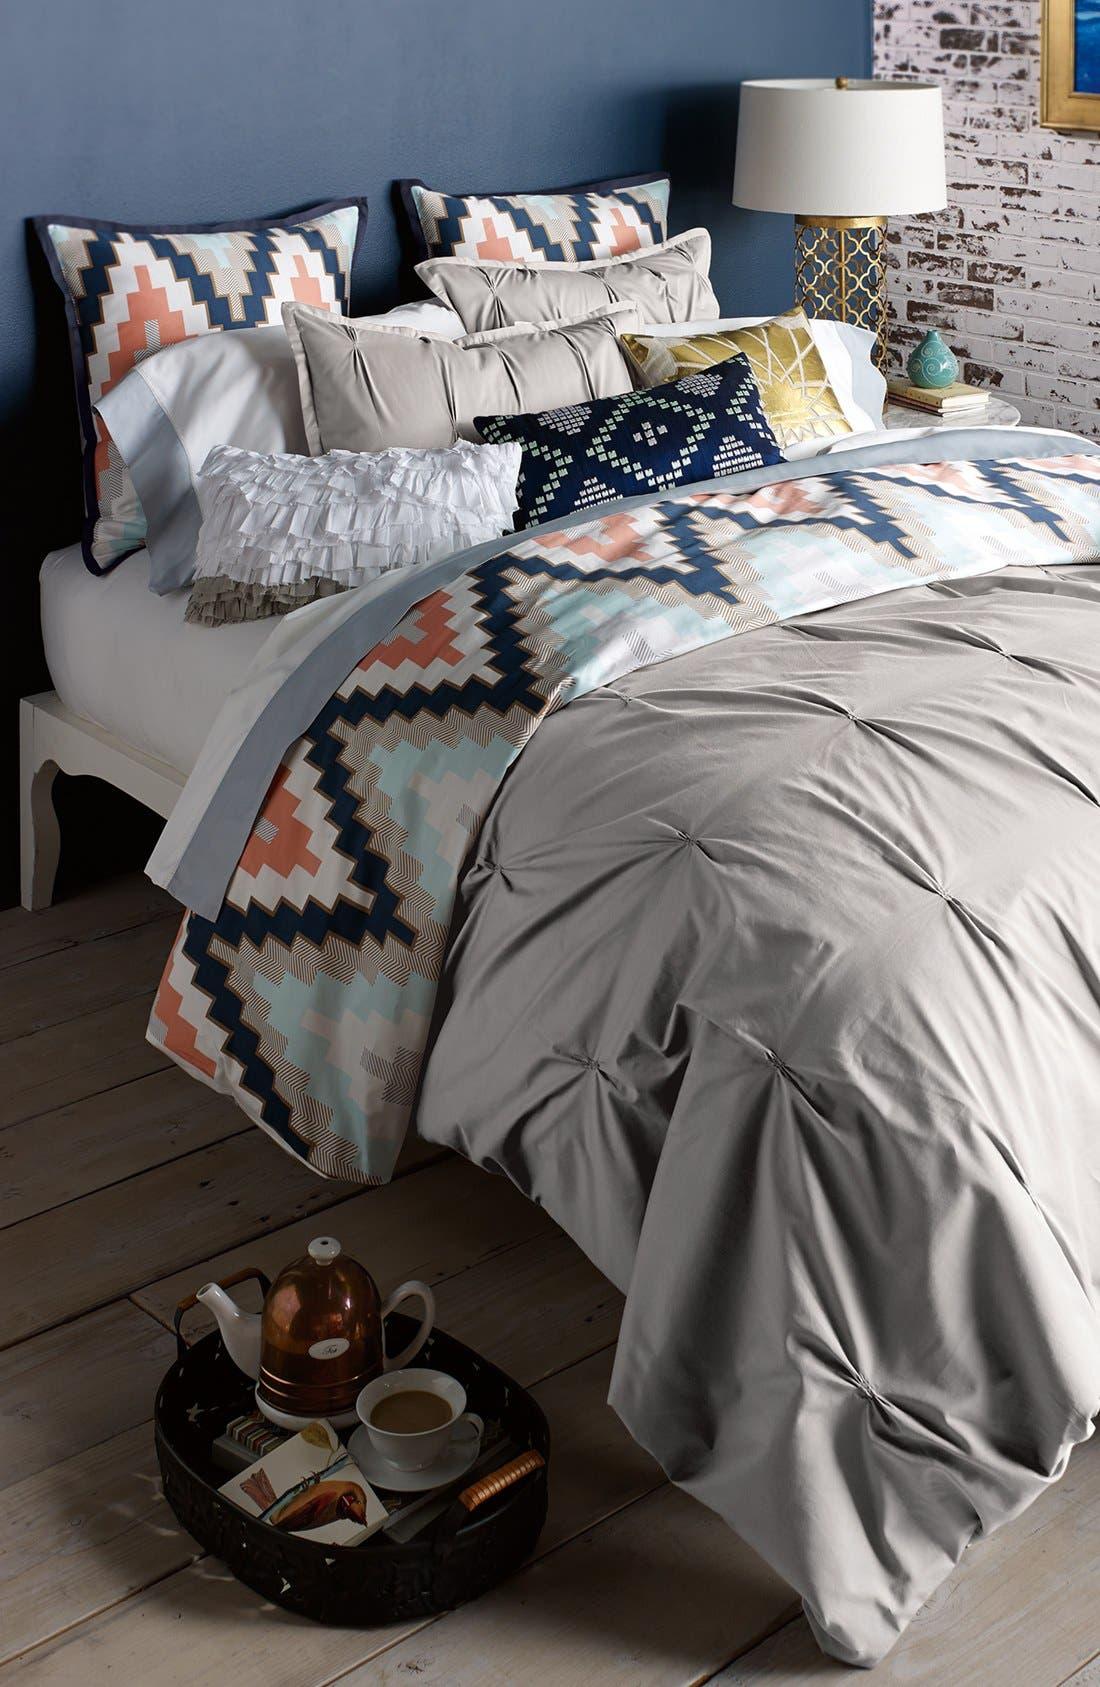 Alternate Image 1 Selected - Blissliving Home 'Harper - Grey' Cotton Sateen Duvet Cover & Shams (Online Only)